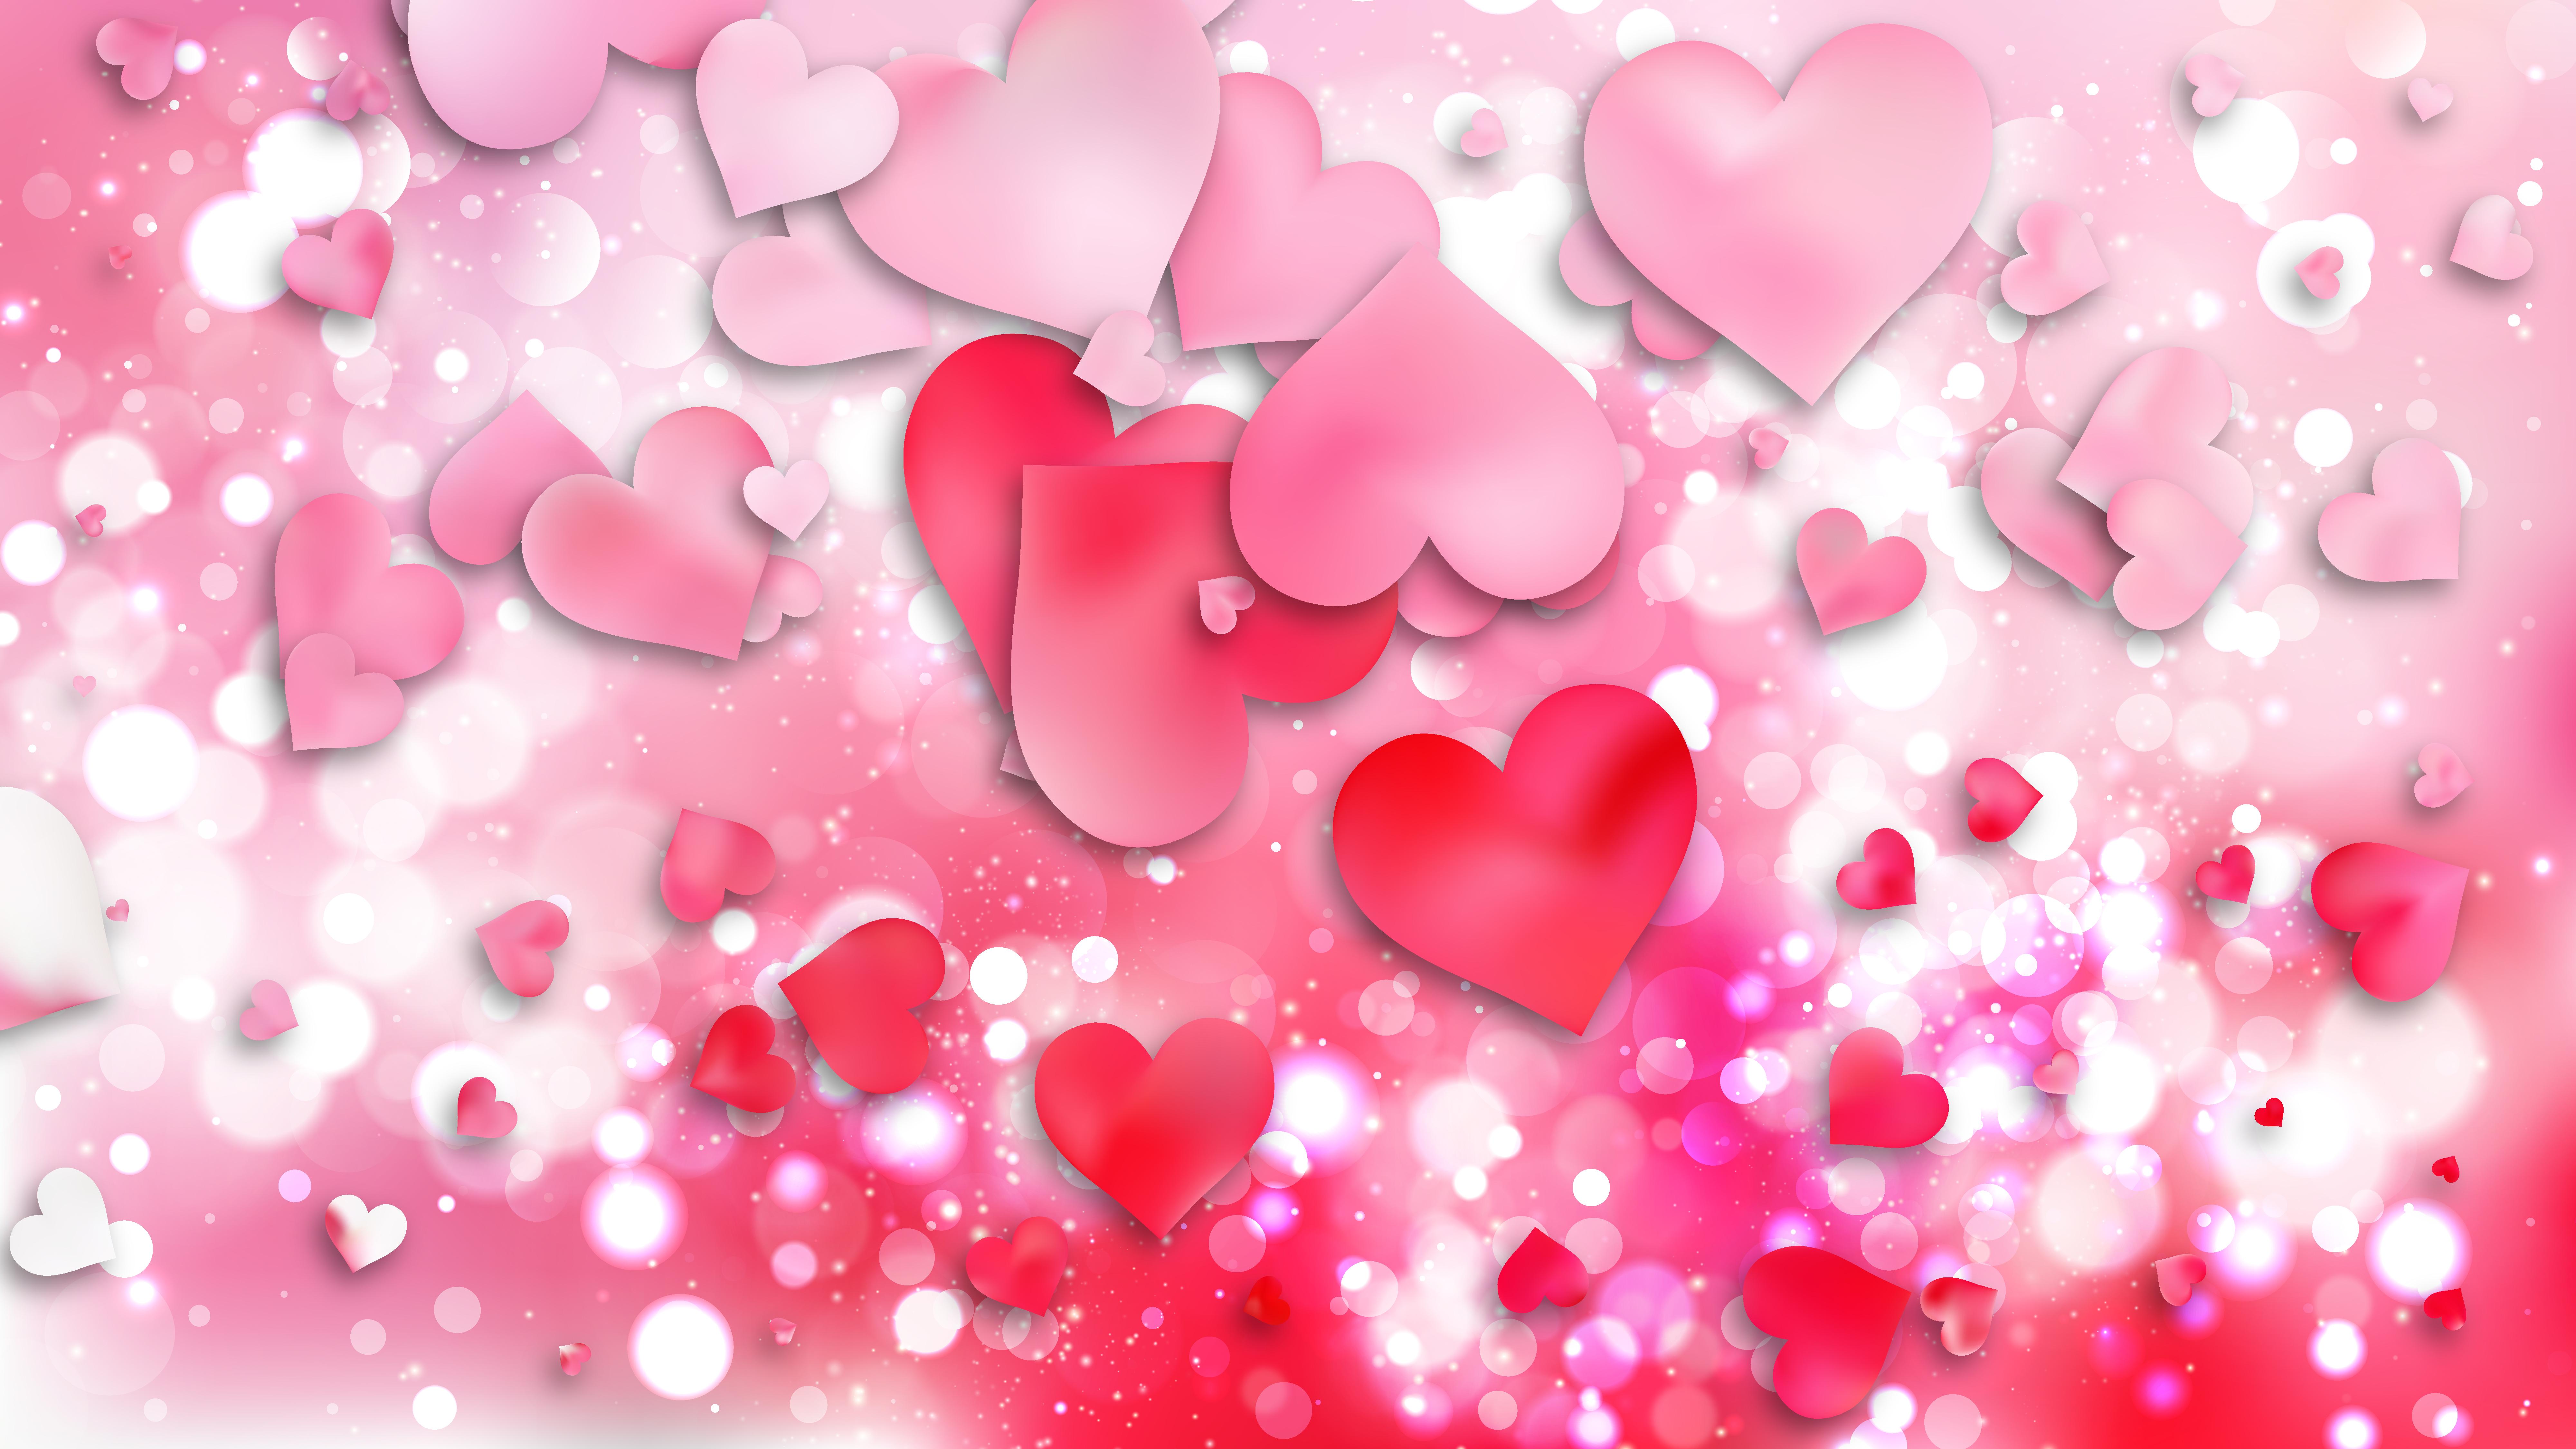 Light Pink Love Background Illustration